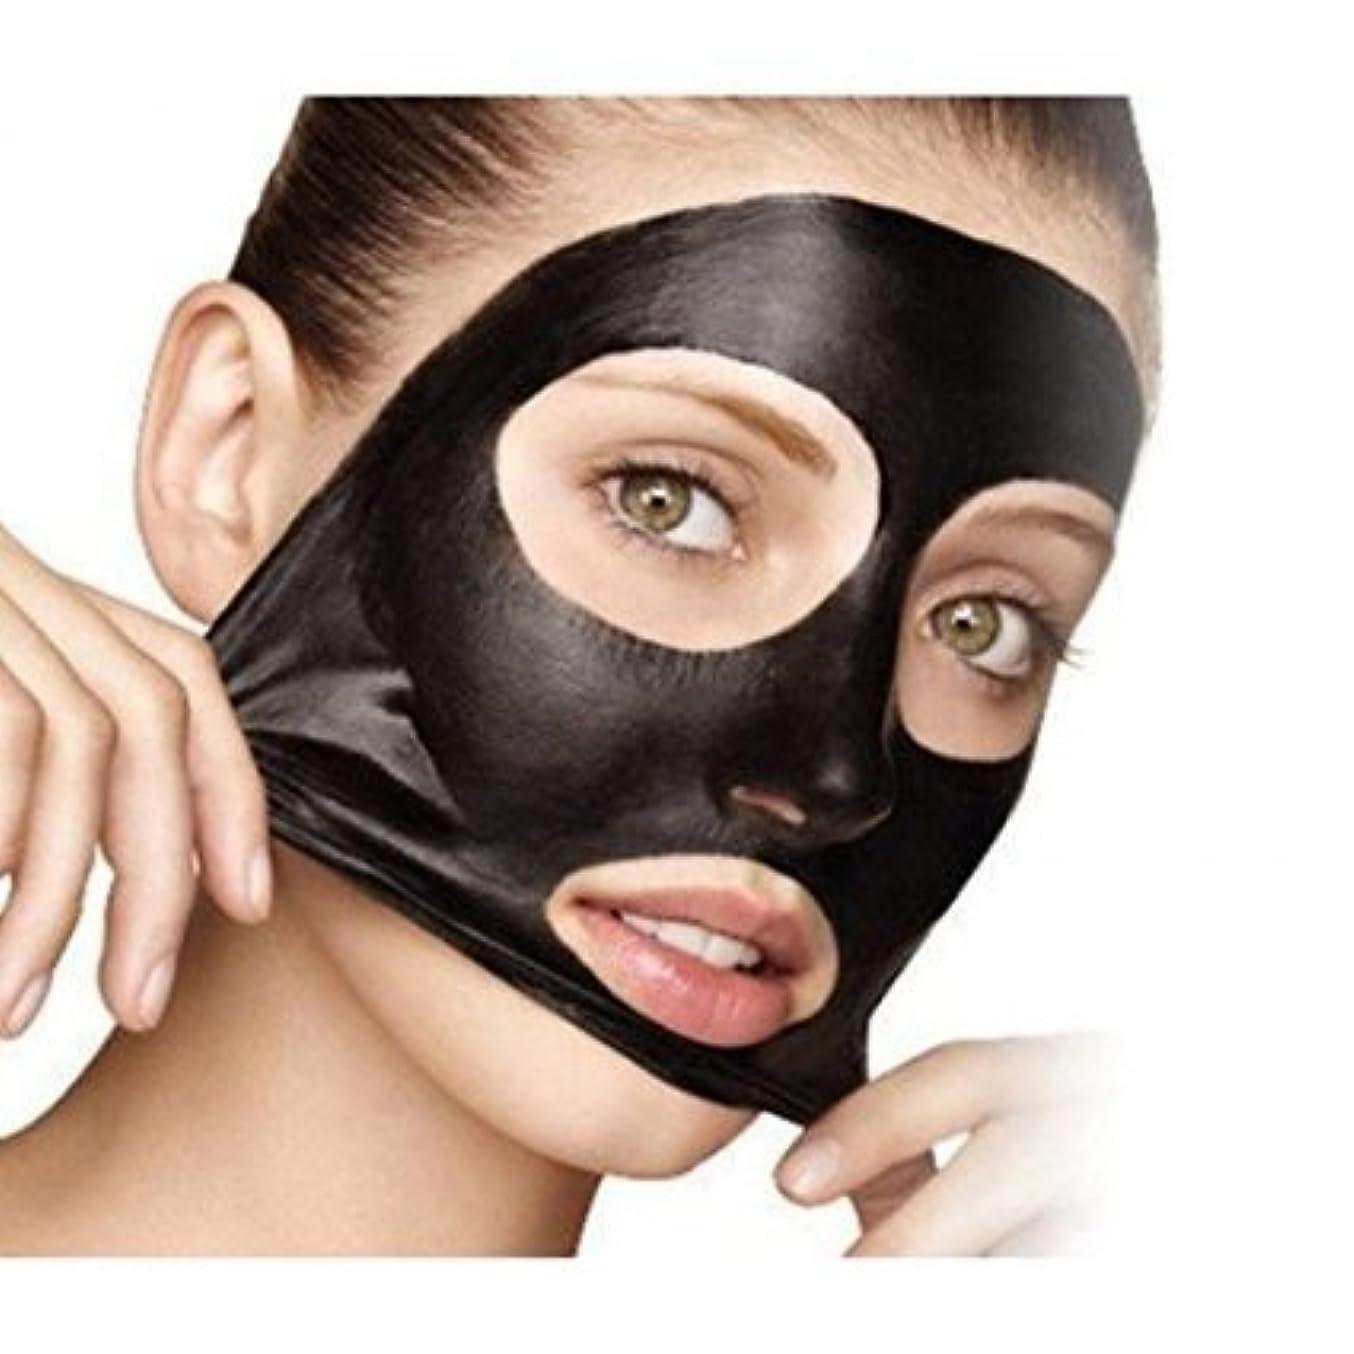 租界記事バックアップ5×ミネラルマッドノーズポアクレンジングブラックヘッド除去マスク